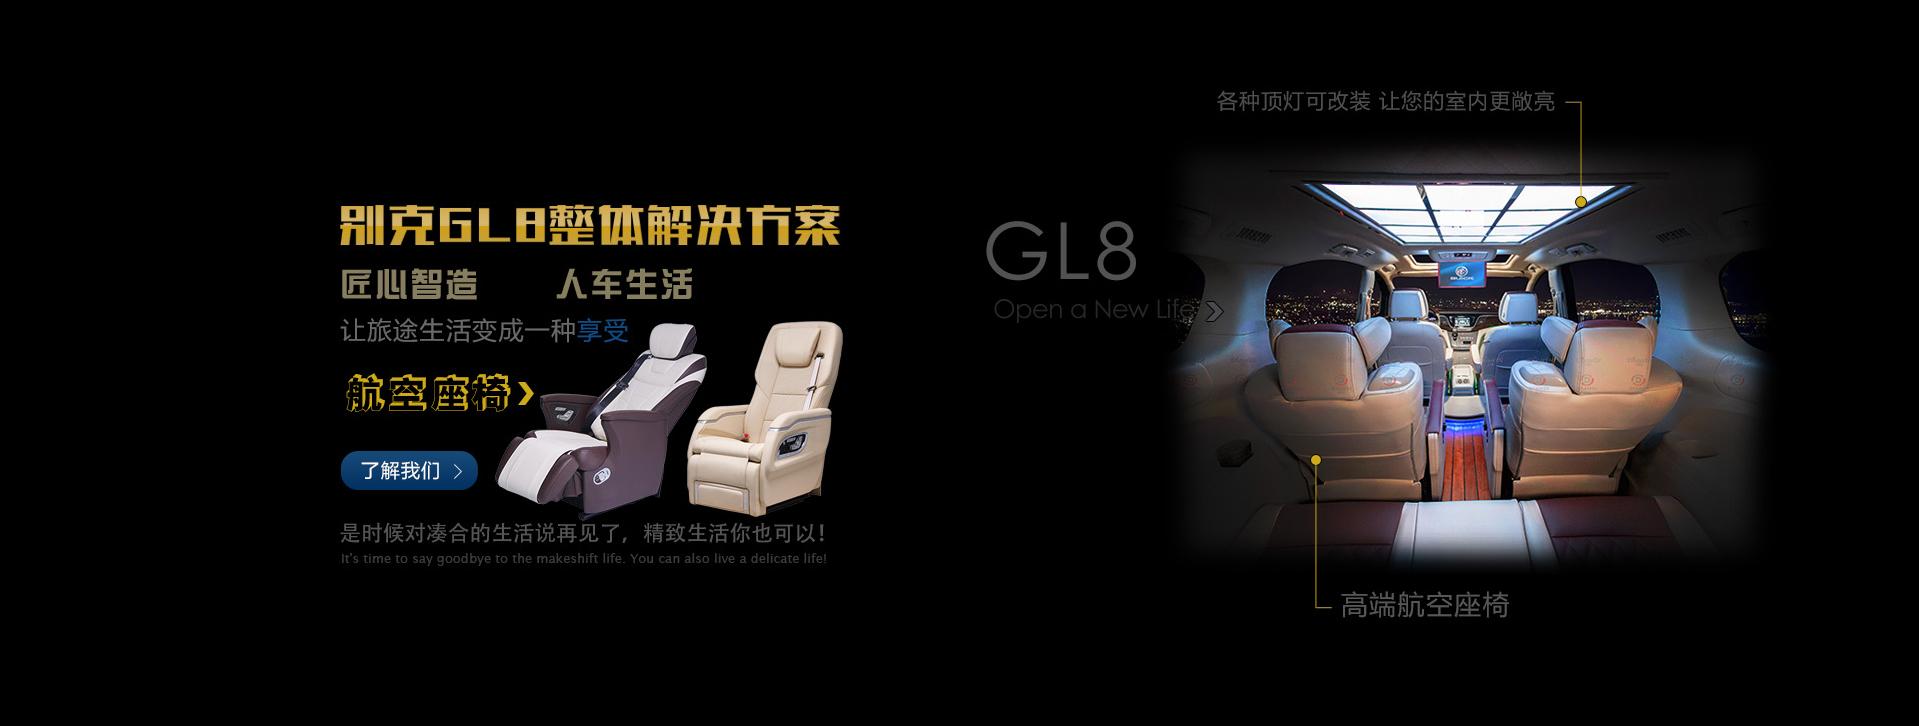 GL8整体解决方案